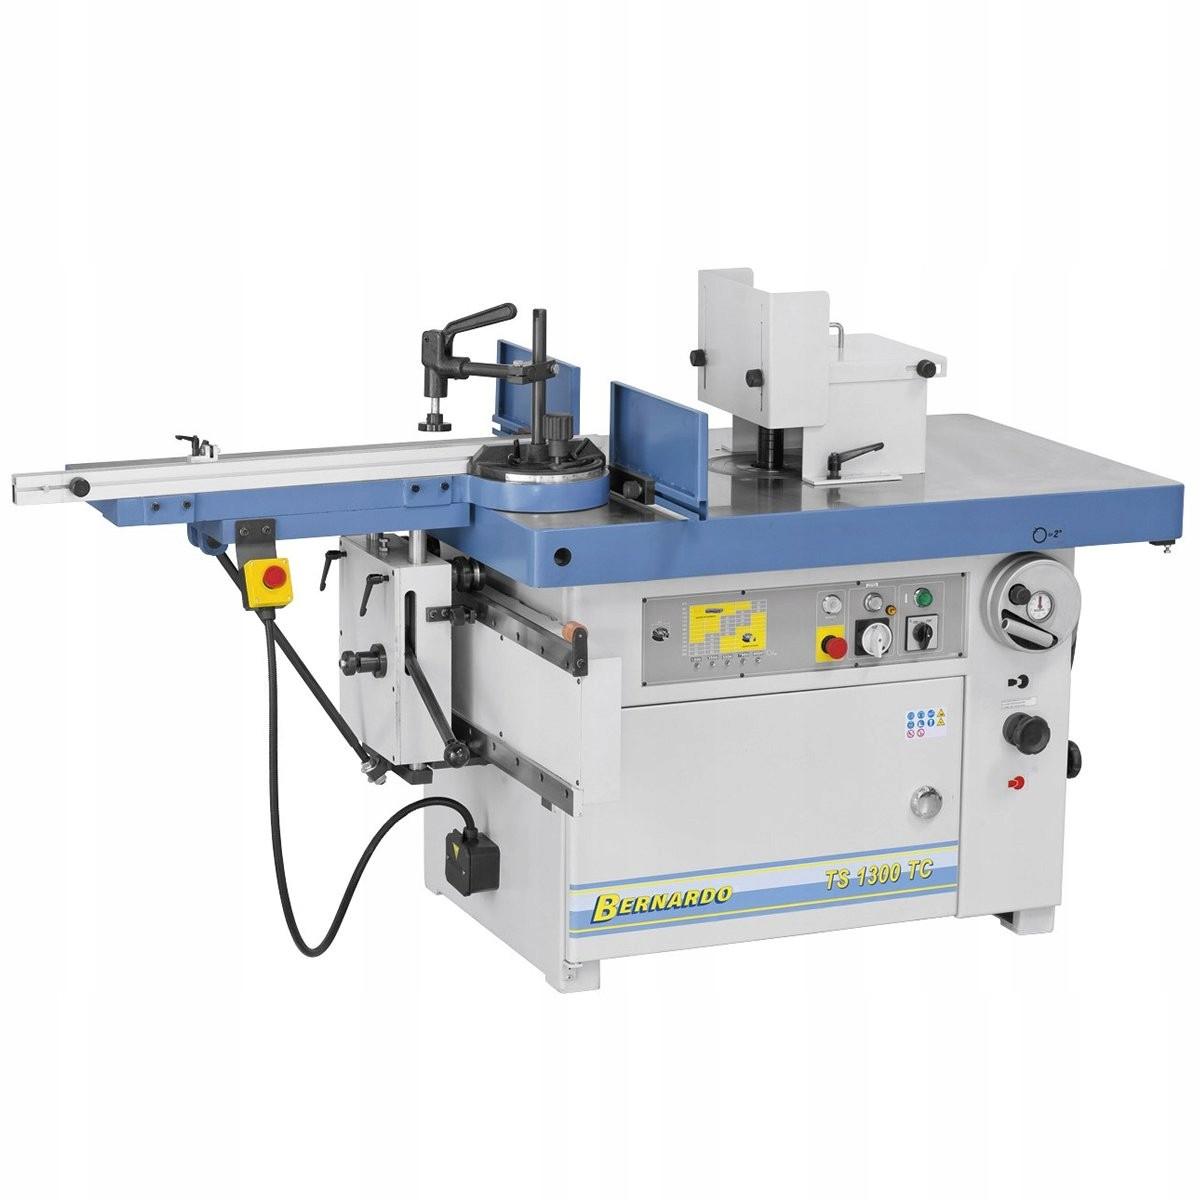 2,500x850mm stolný frézovací stroj + rohy!